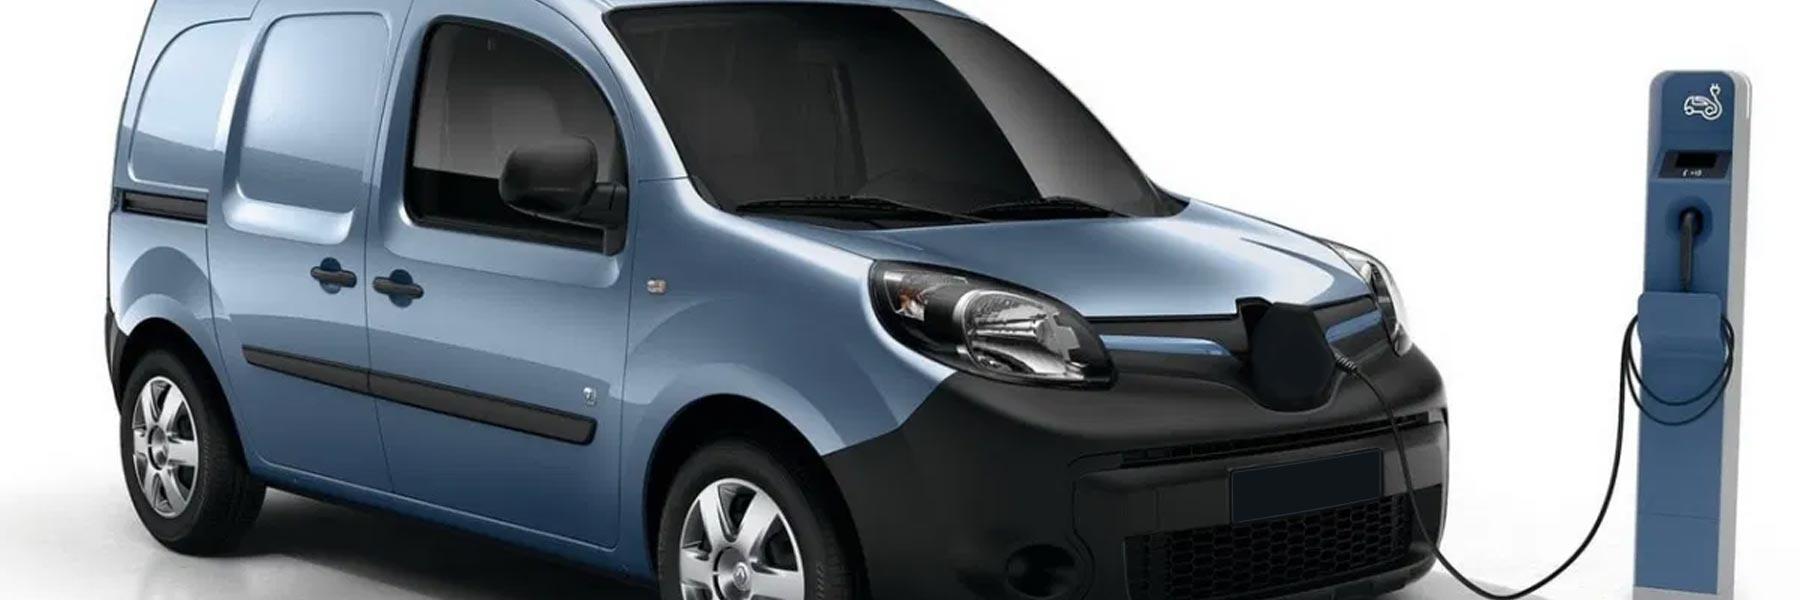 Le véhicule électrique, quels sont les avantages pour les sociétés ?